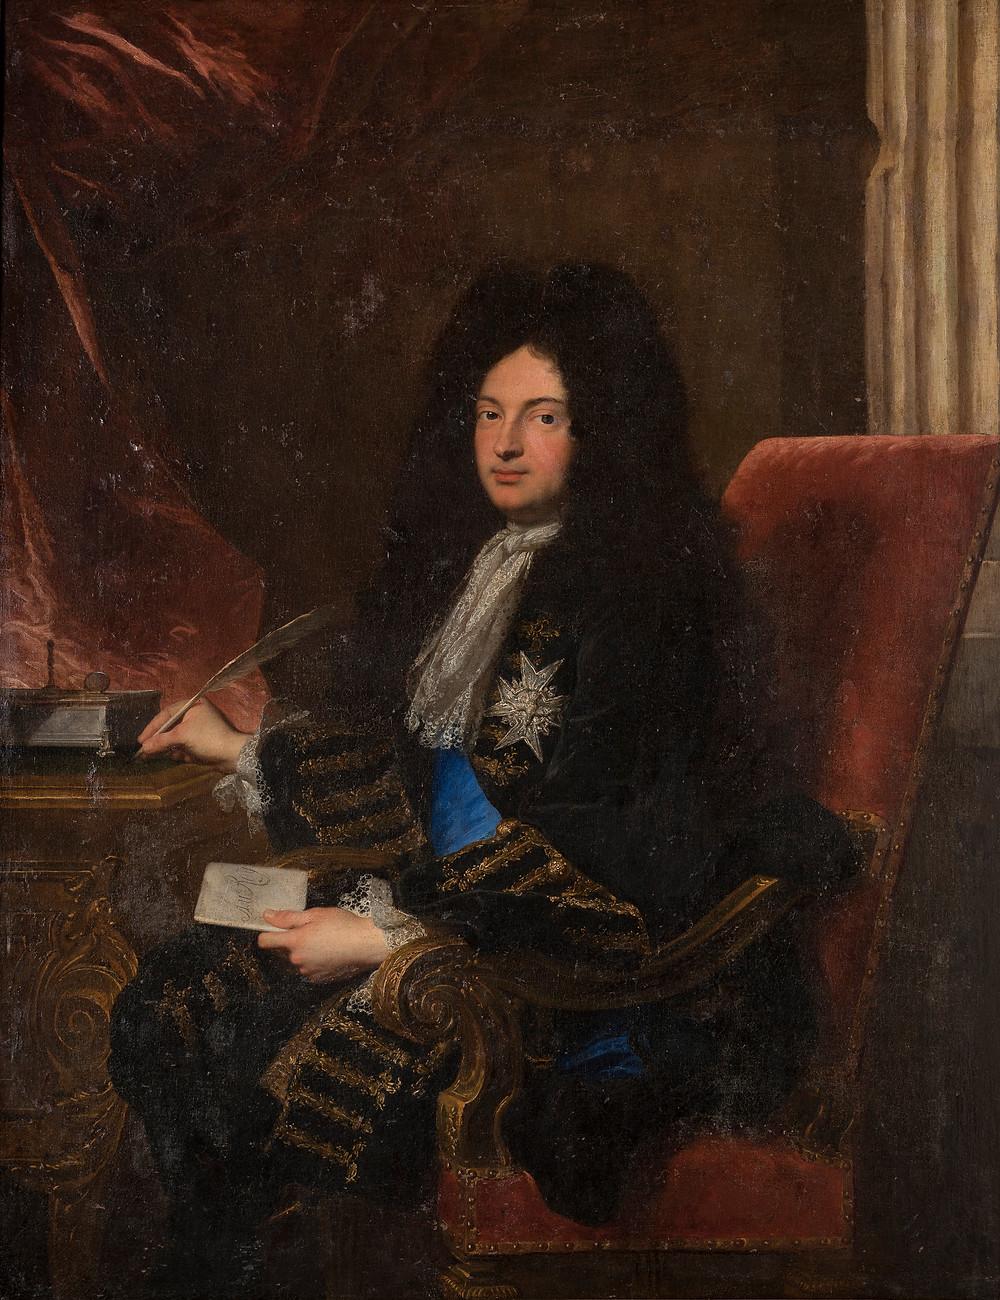 Hyacinthe Rigaud, Portrait de Jean-Baptiste Colbert, marquis de Torcy, 1699, collection particulière